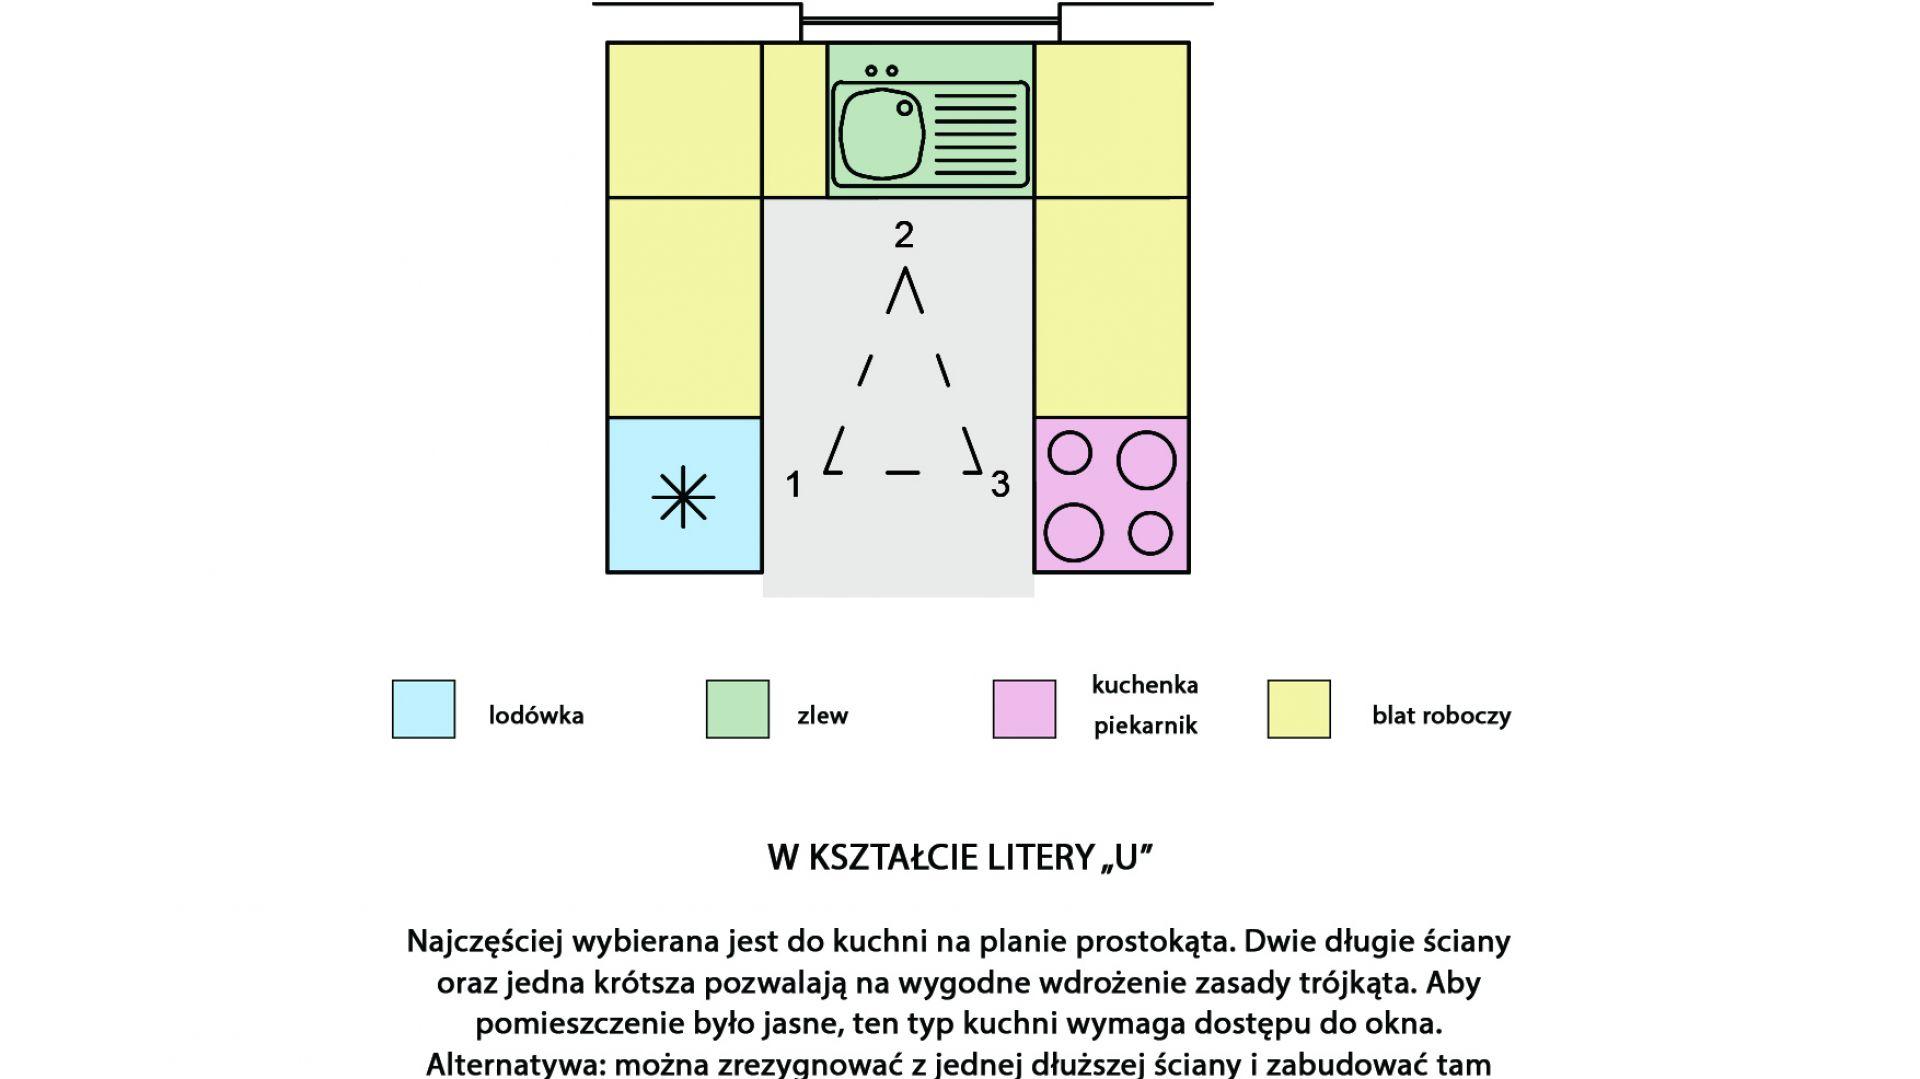 Kuchnia w kształcie litery